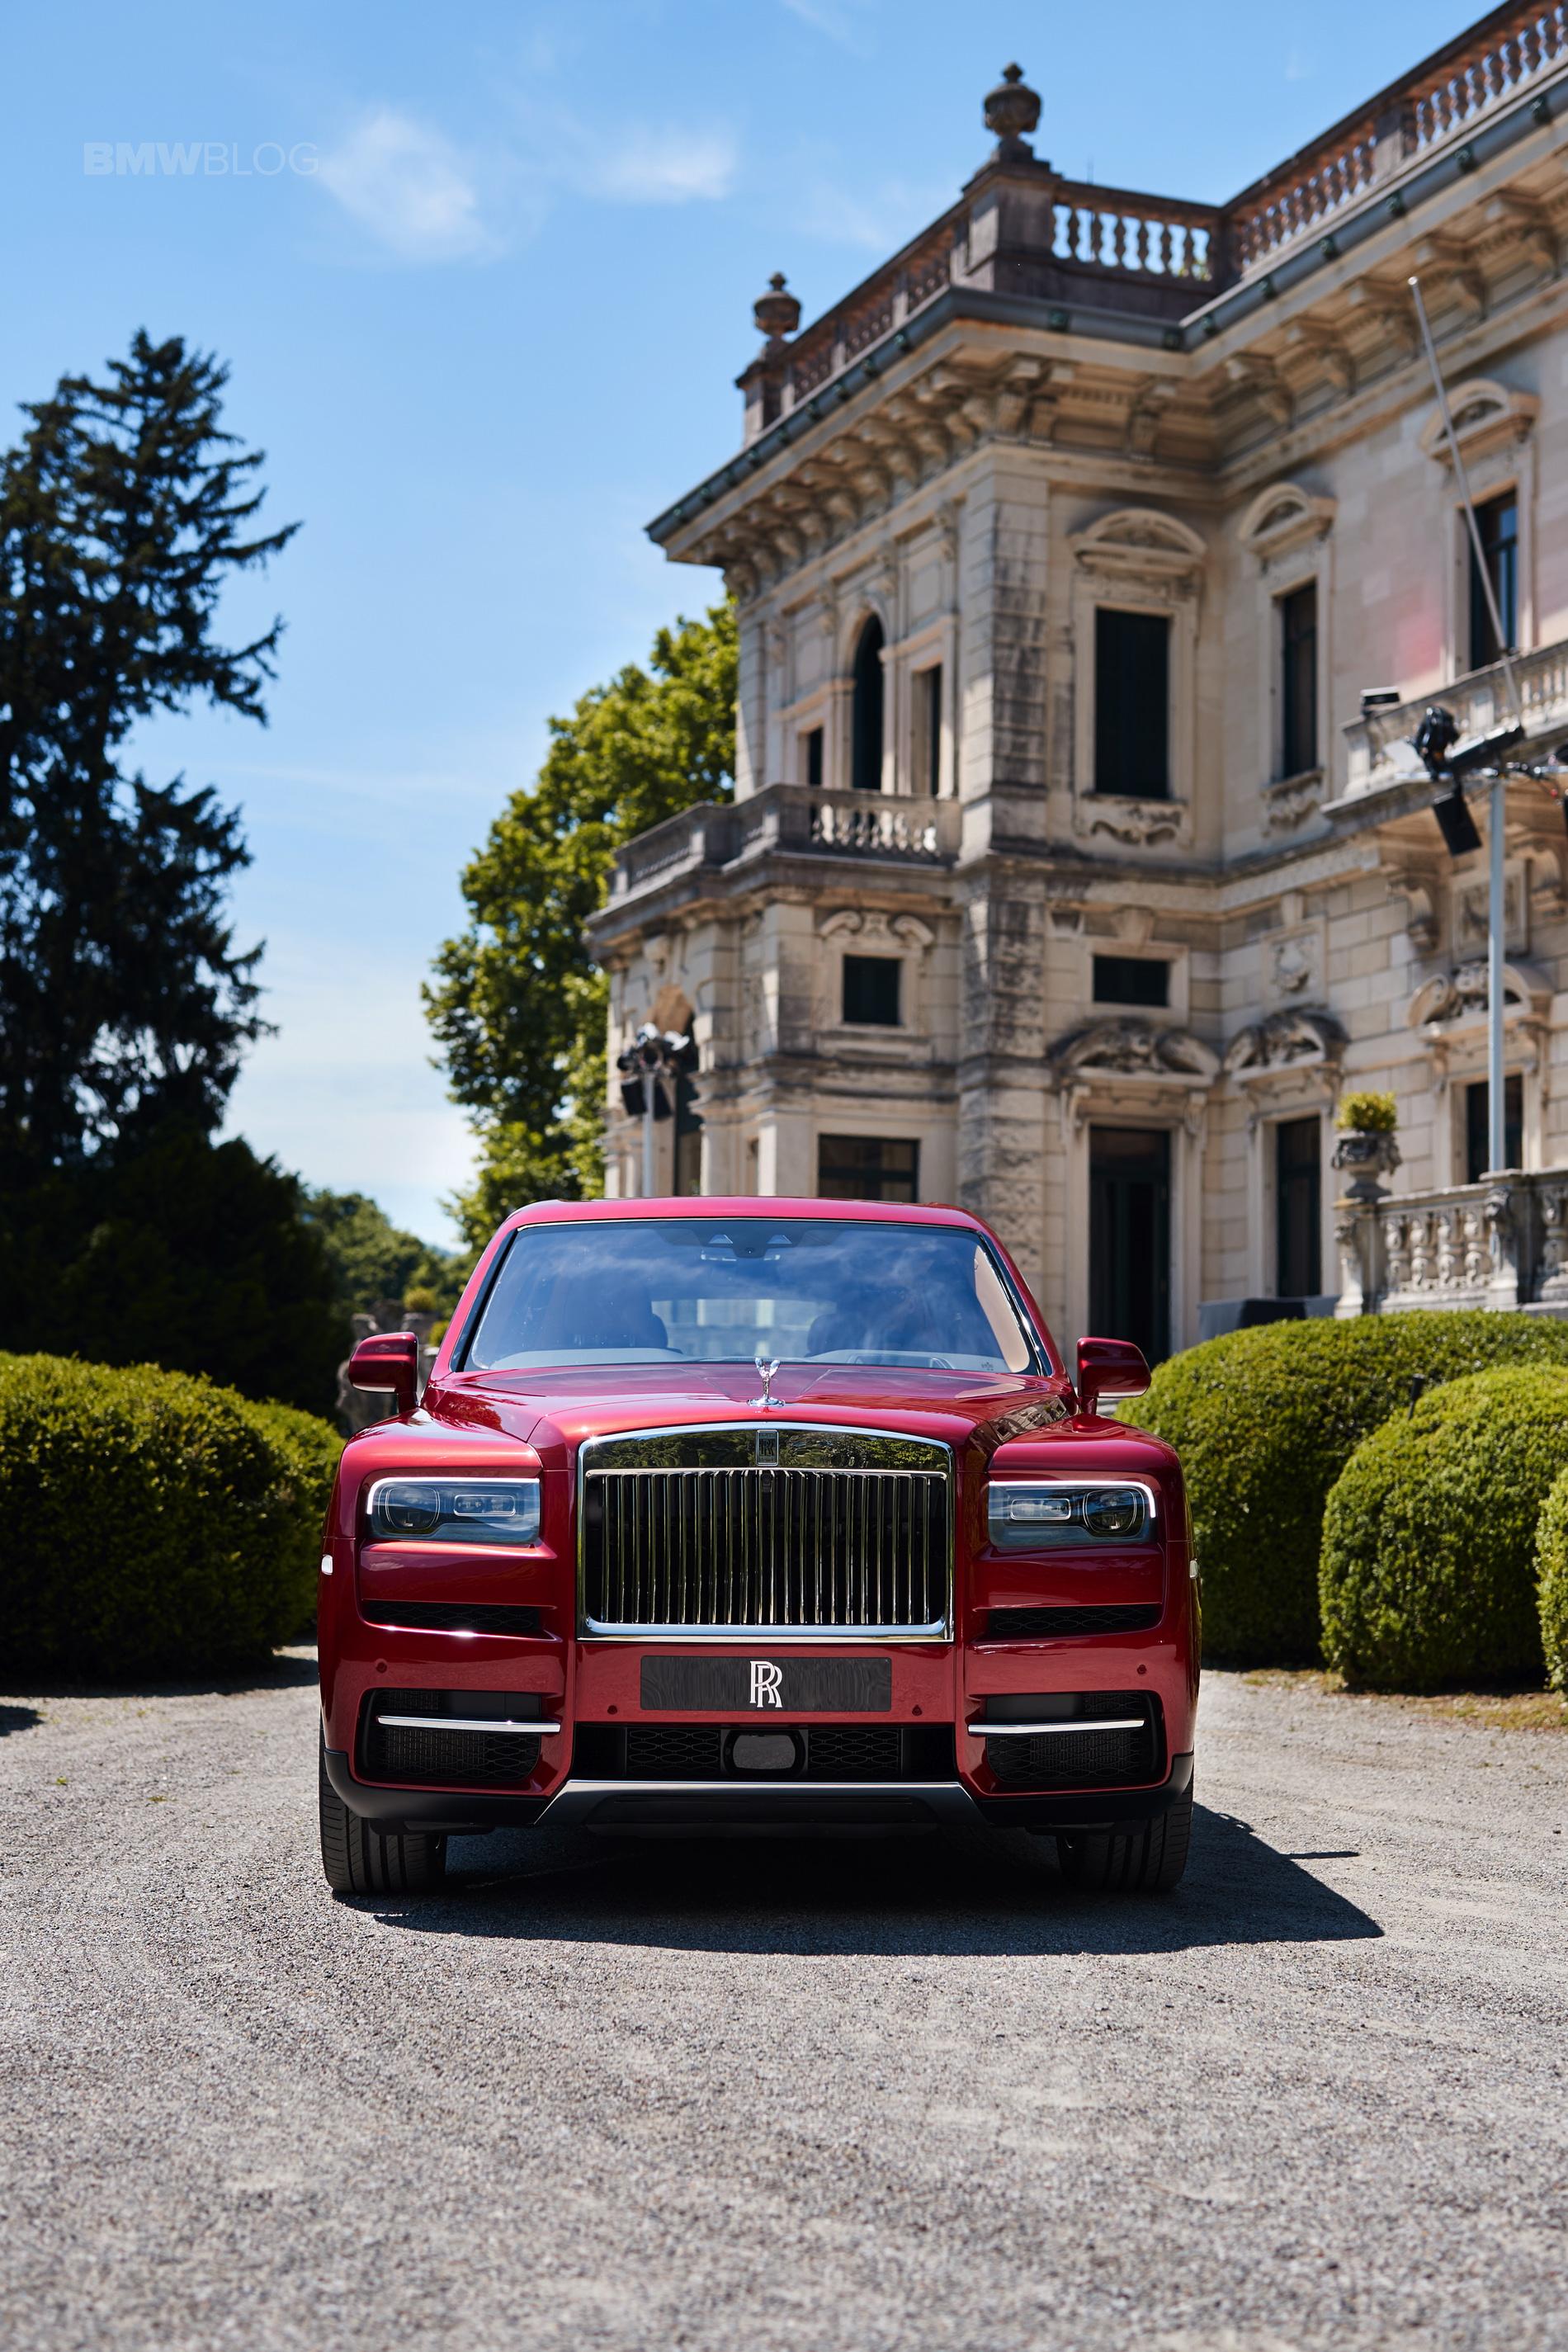 Rolls Royce Cullinan Concorso d eleganza 06